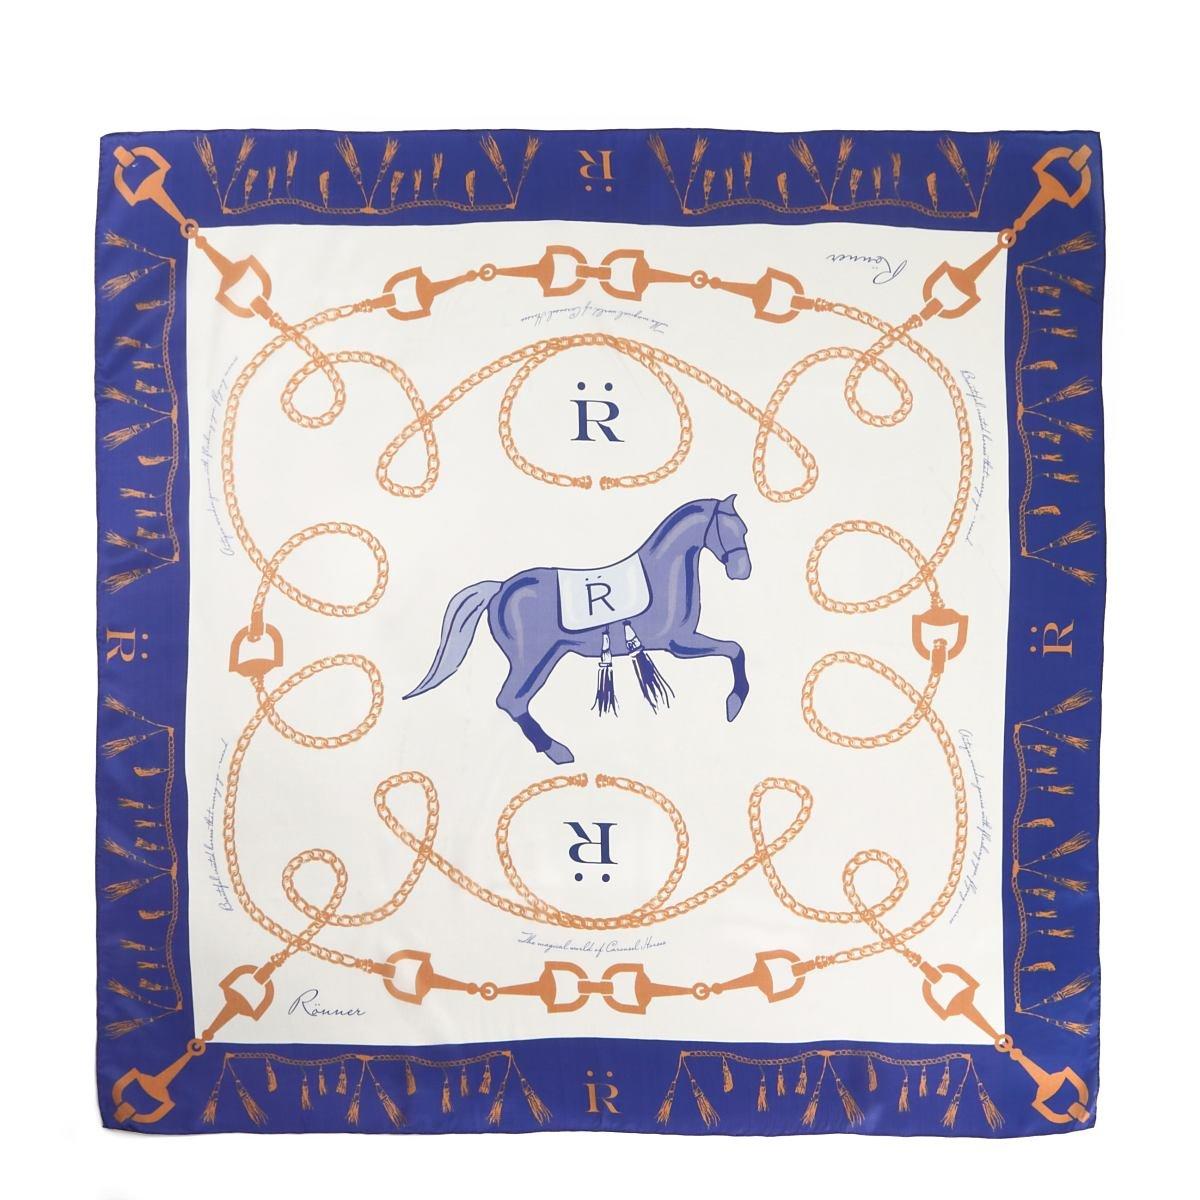 乗馬 乗馬用ウエア RONNER カルーセル シルク スカーフ 乗馬用品 馬具  ナイトブルー B078SLVLPR